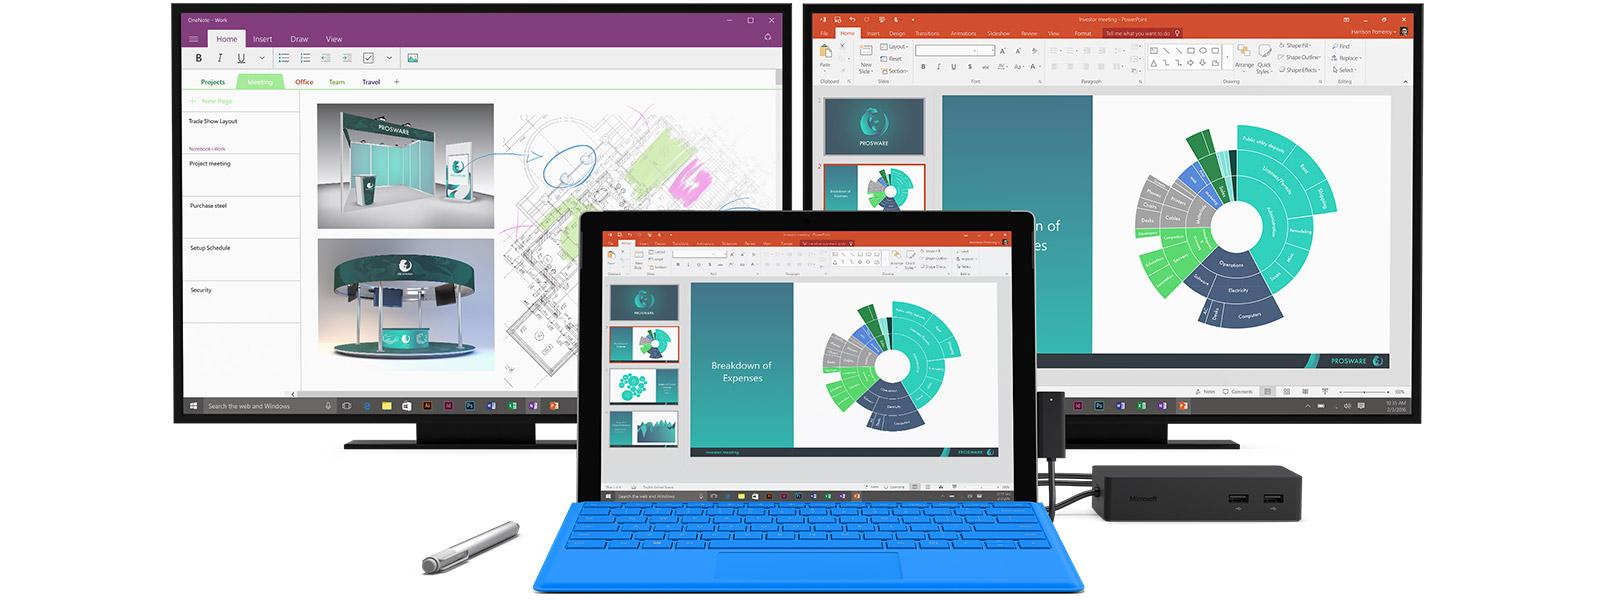 2대의 일반 데스크톱 모니터, Surface Pro 4, Surface 펜, Surface 도킹 스테이션